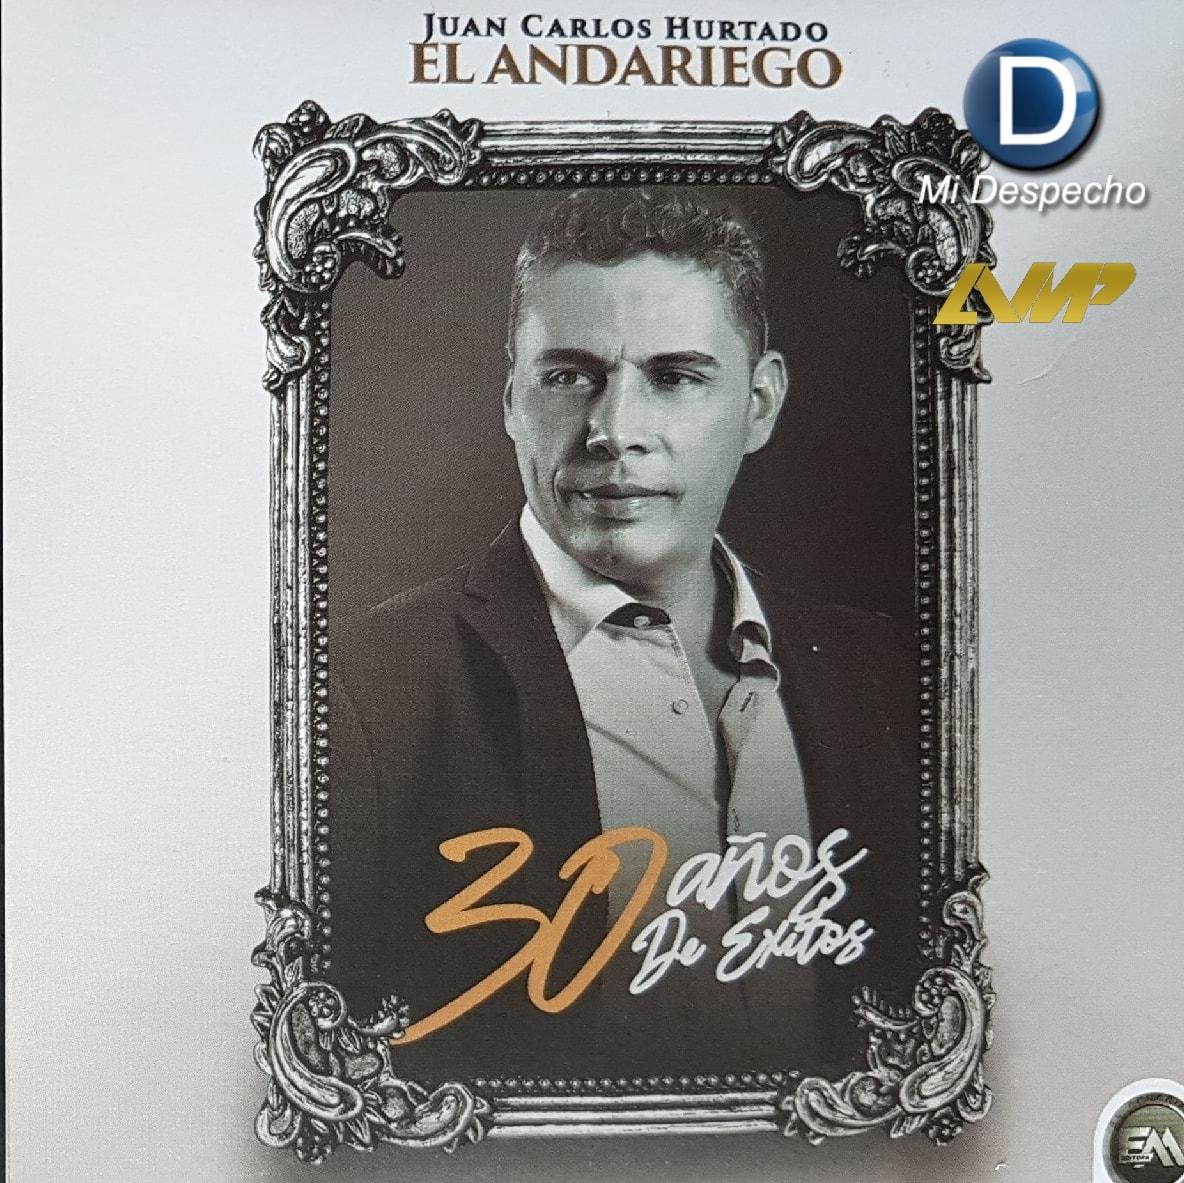 Juan Carlos Hurtado 30 Años de Éxitos Frontal